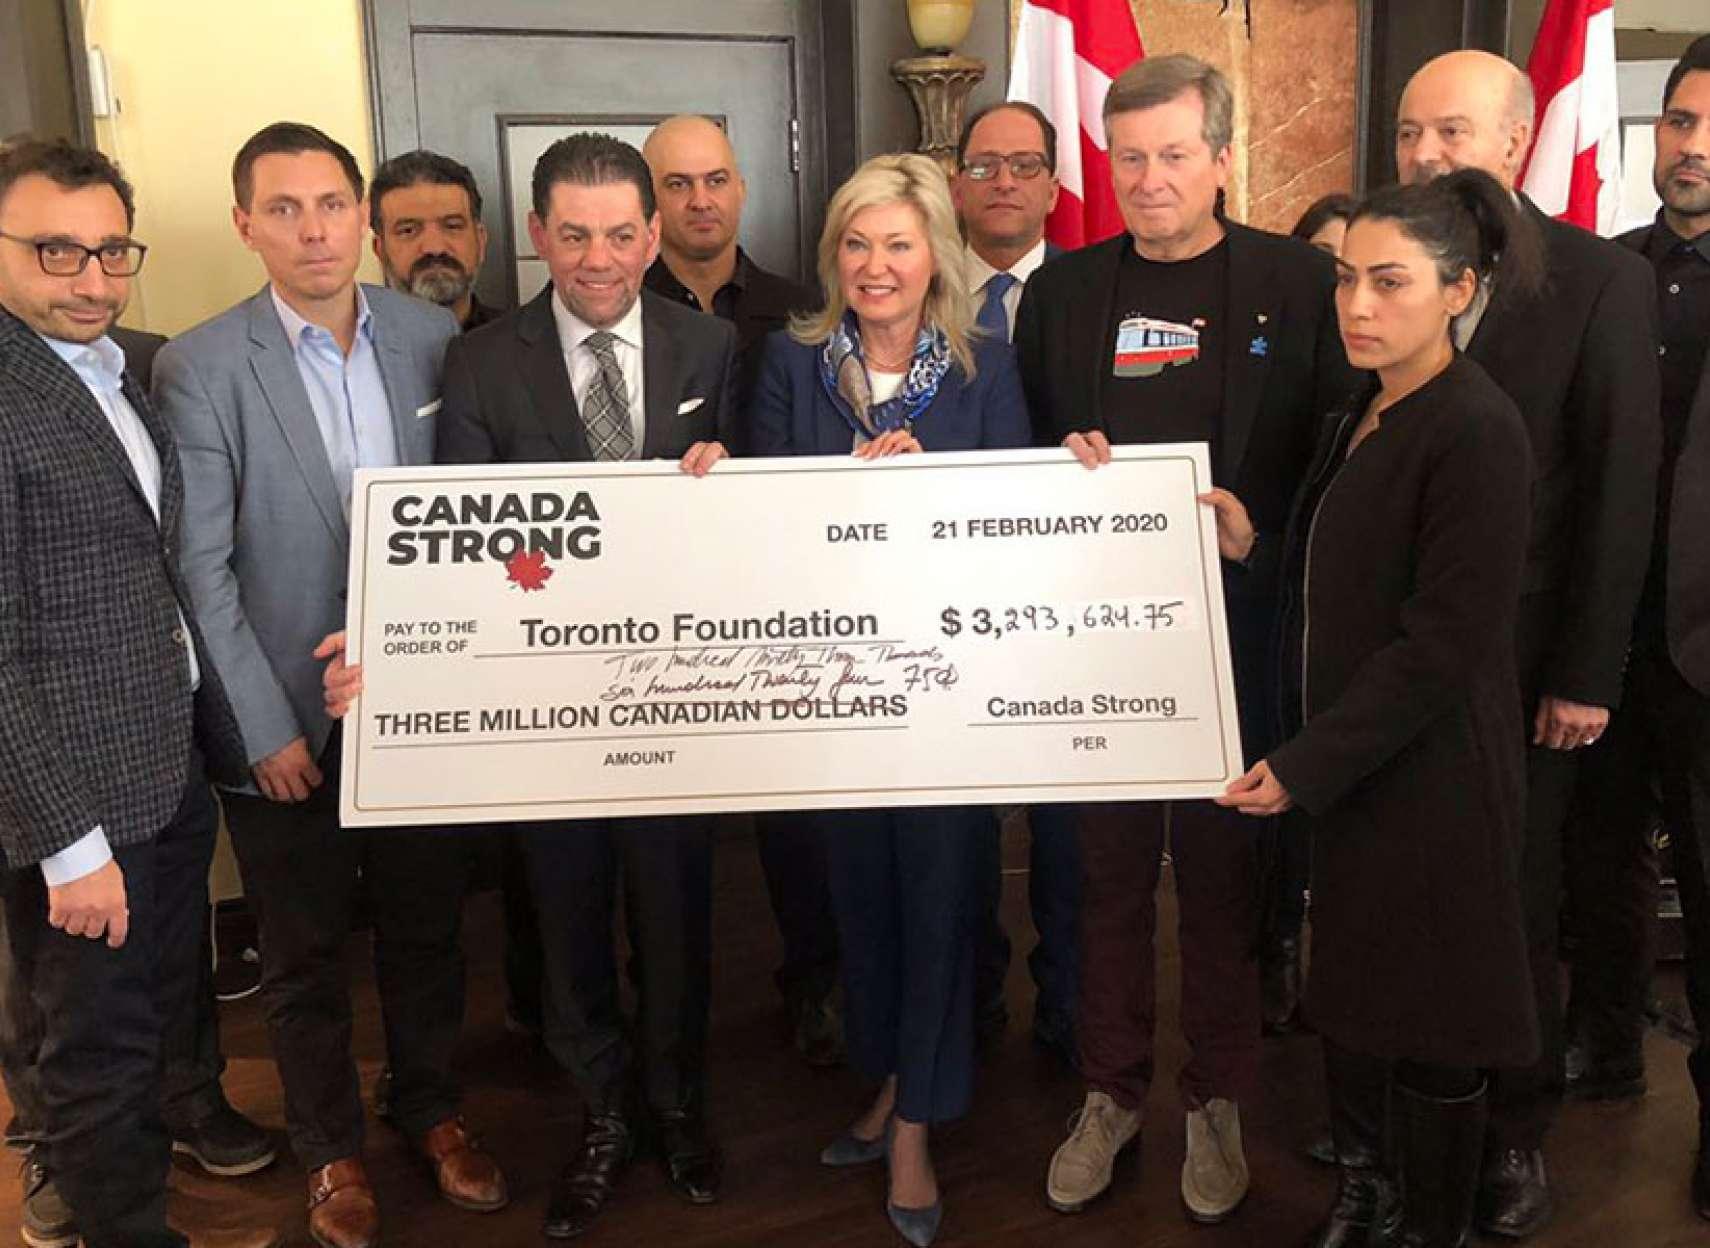 اخبار-کانادا-کمپین-کانادایی-کمک-به-خانواده-های-قربانیان-سقوط-هواپیمای-اوکراین-بیش-از-3-میلیون-دلار-جمع-کرد